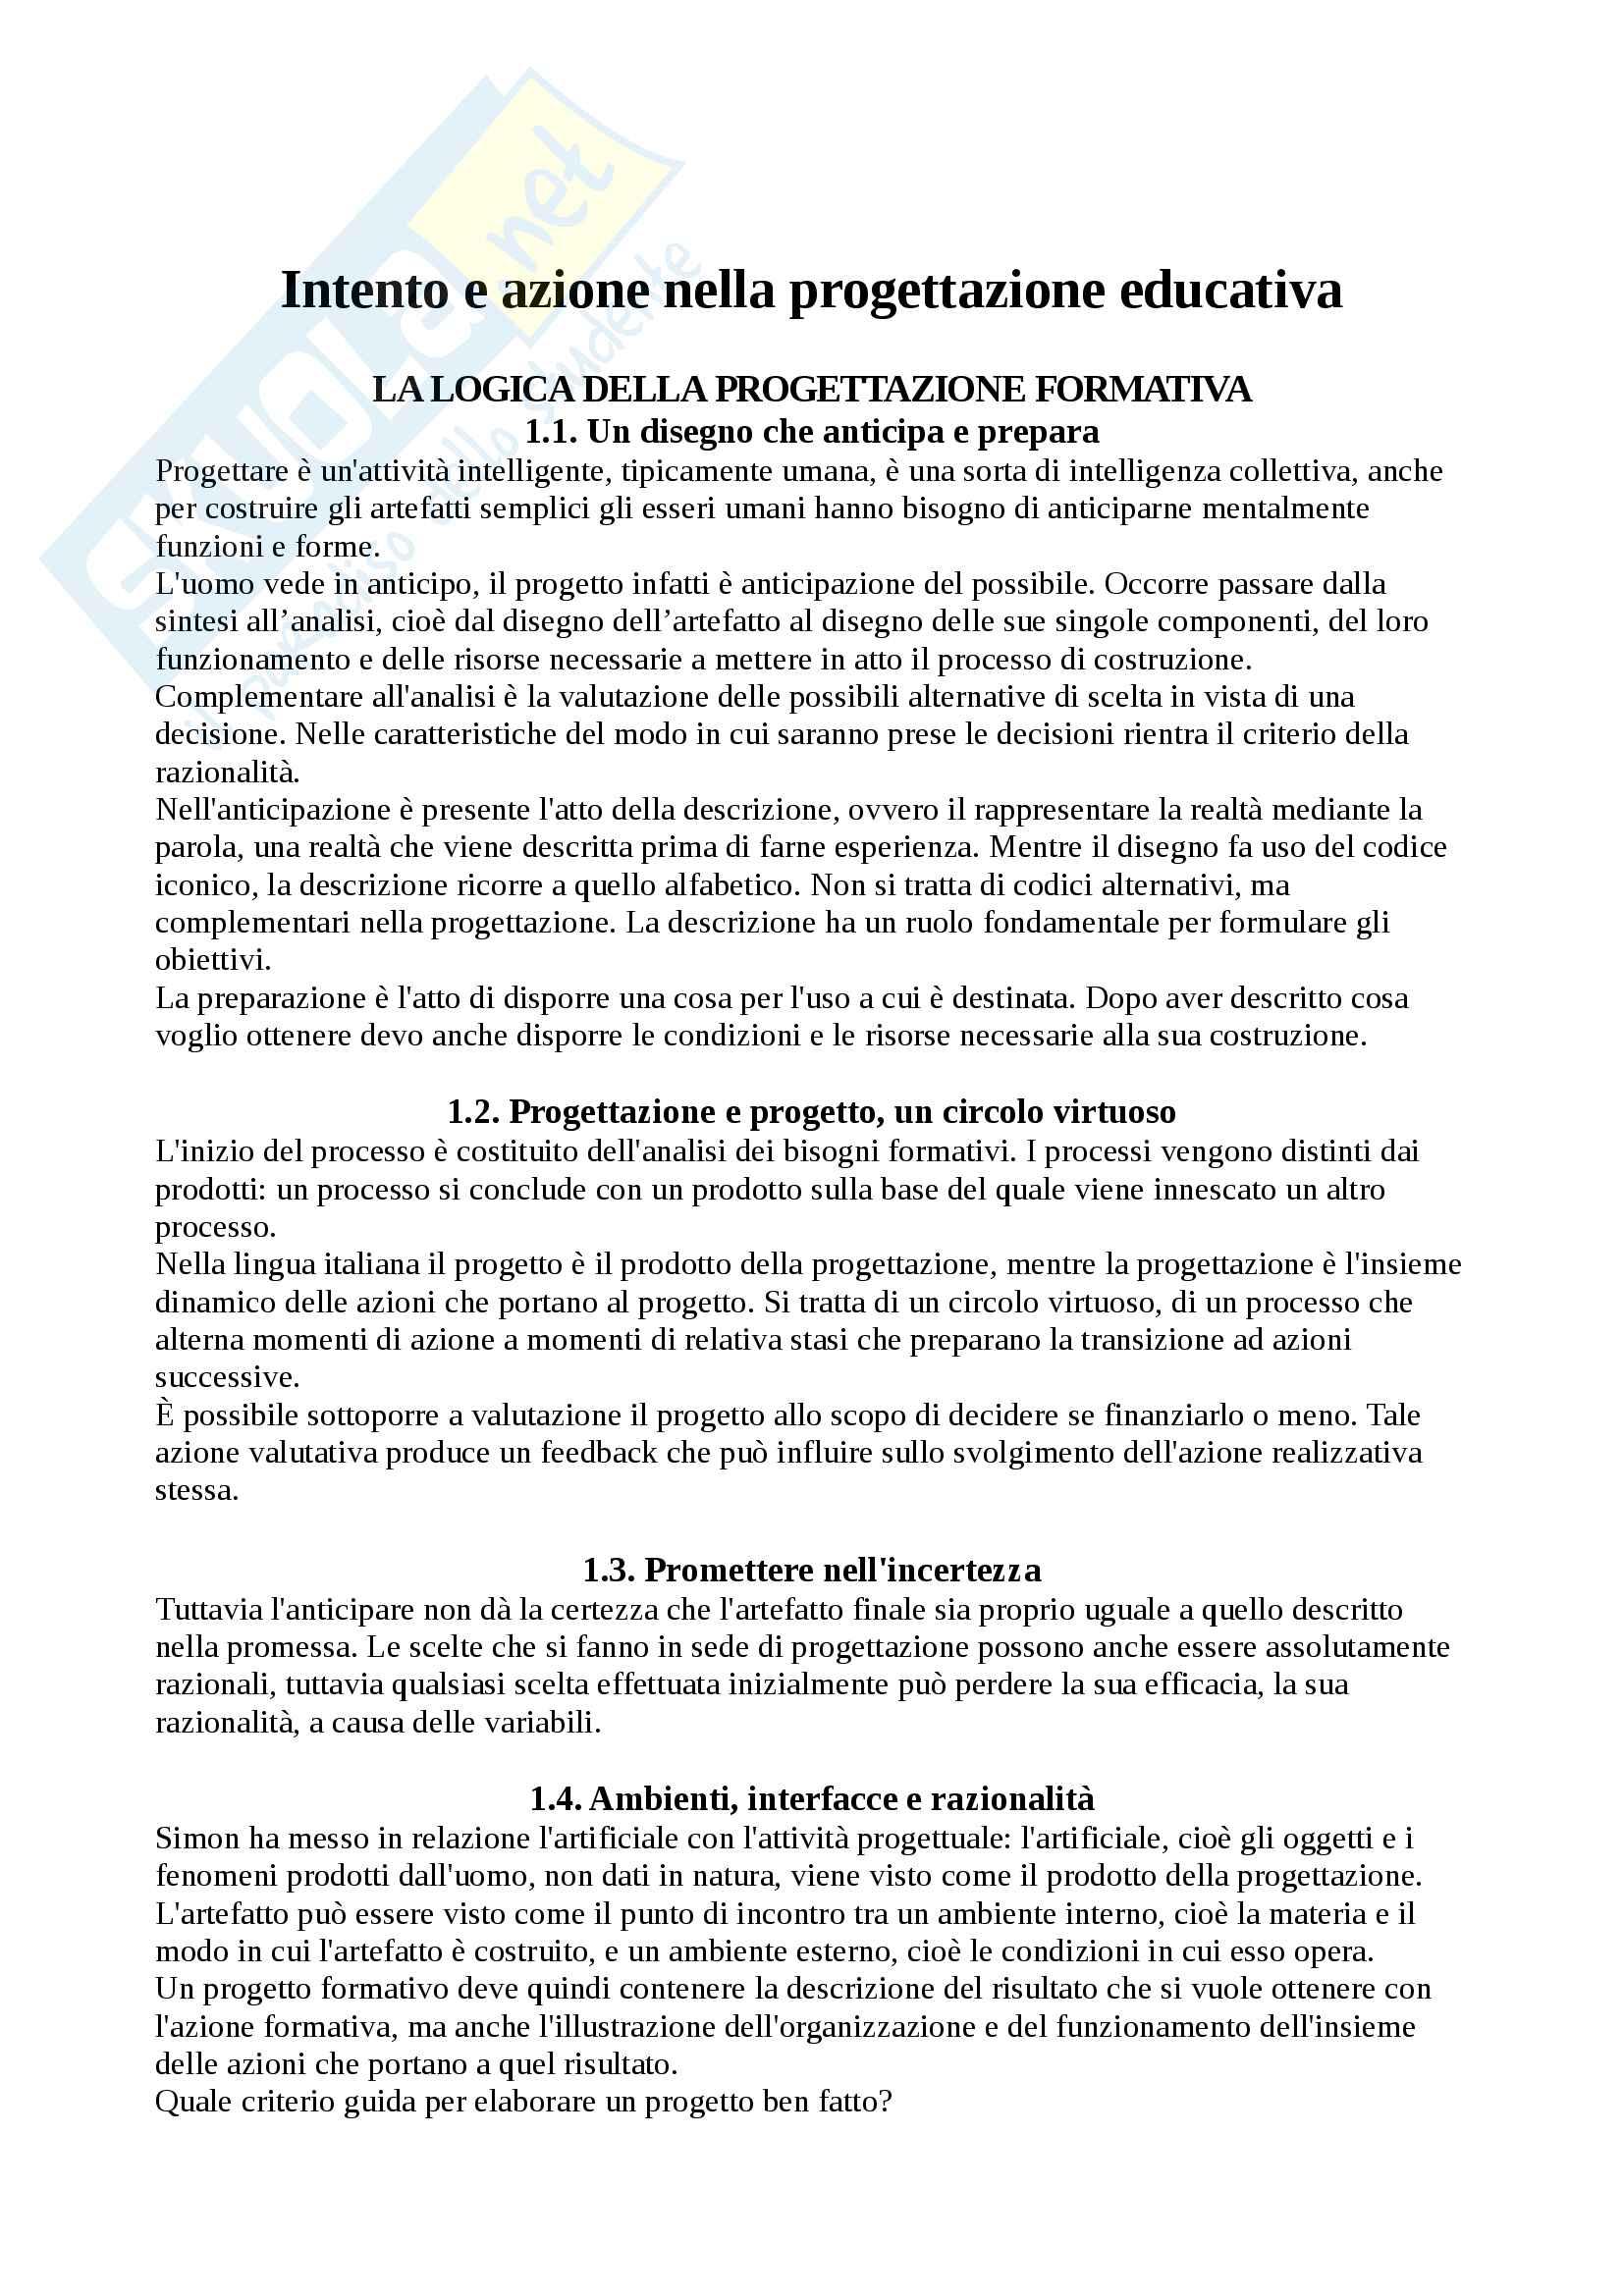 Riassunto esame progettazione nei contesti educativi e formativi, prof. Cecconi, libro consigliato Intento e azione nella progettazione educativa, Cecconi